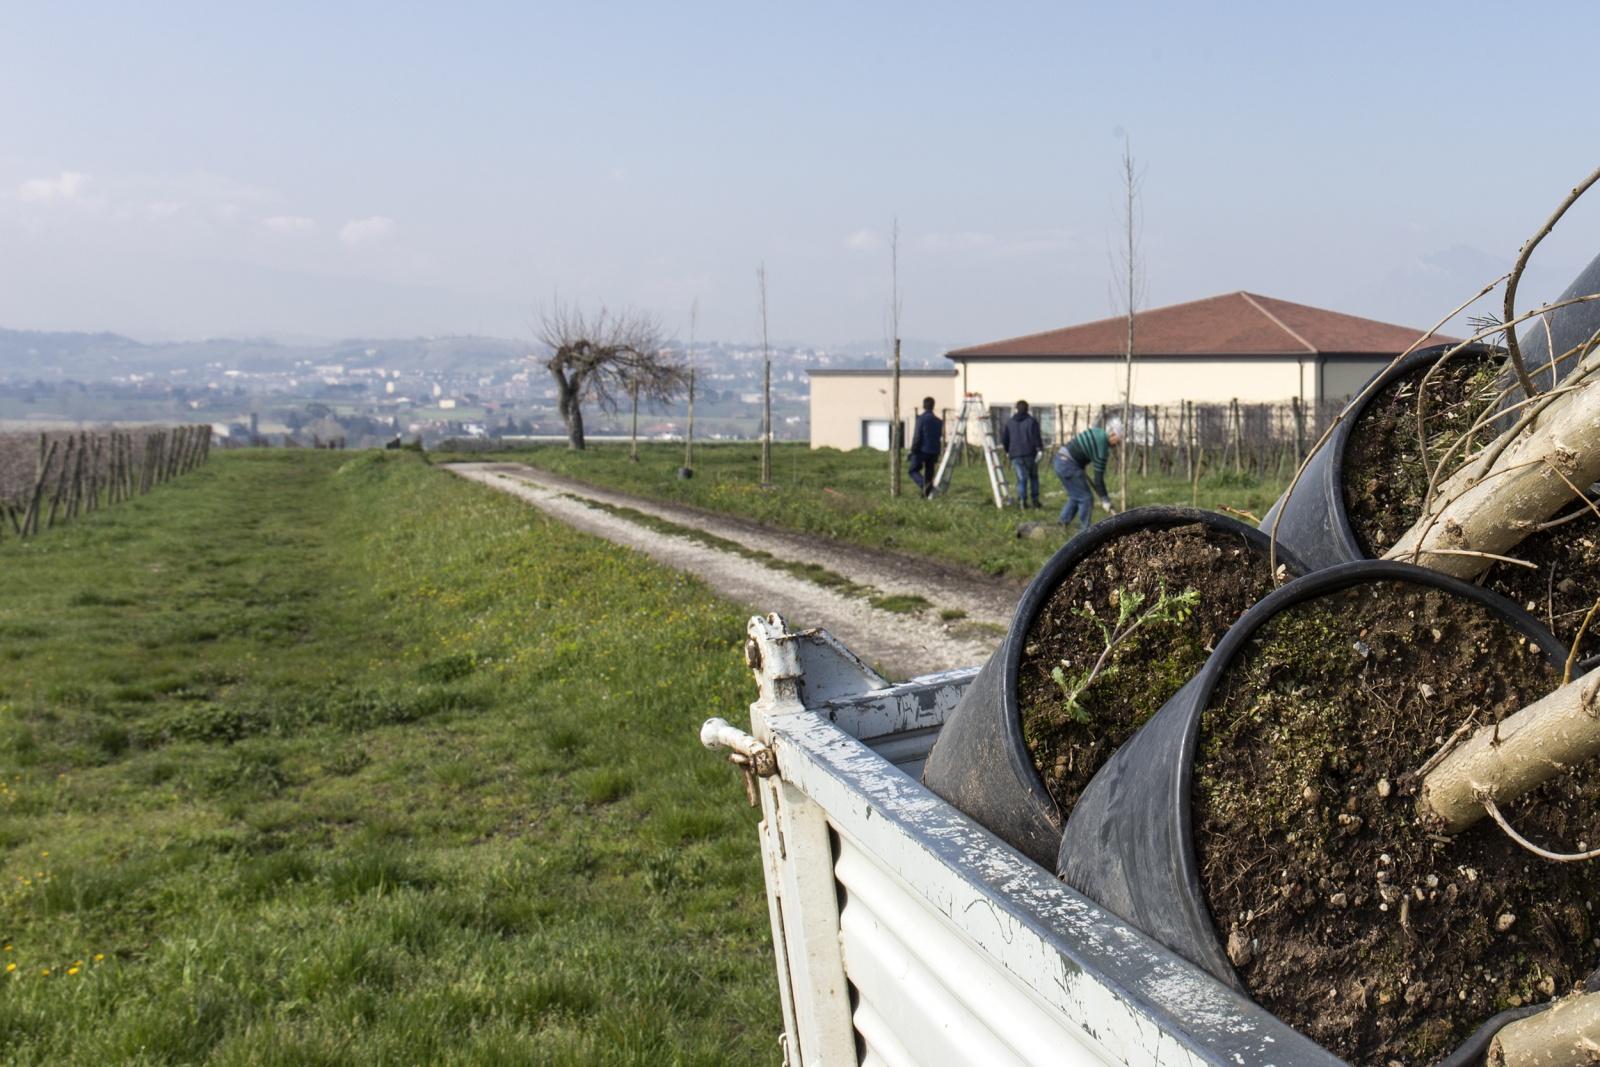 lavori in corso: piantumazione pioppi cipressini | I lotto